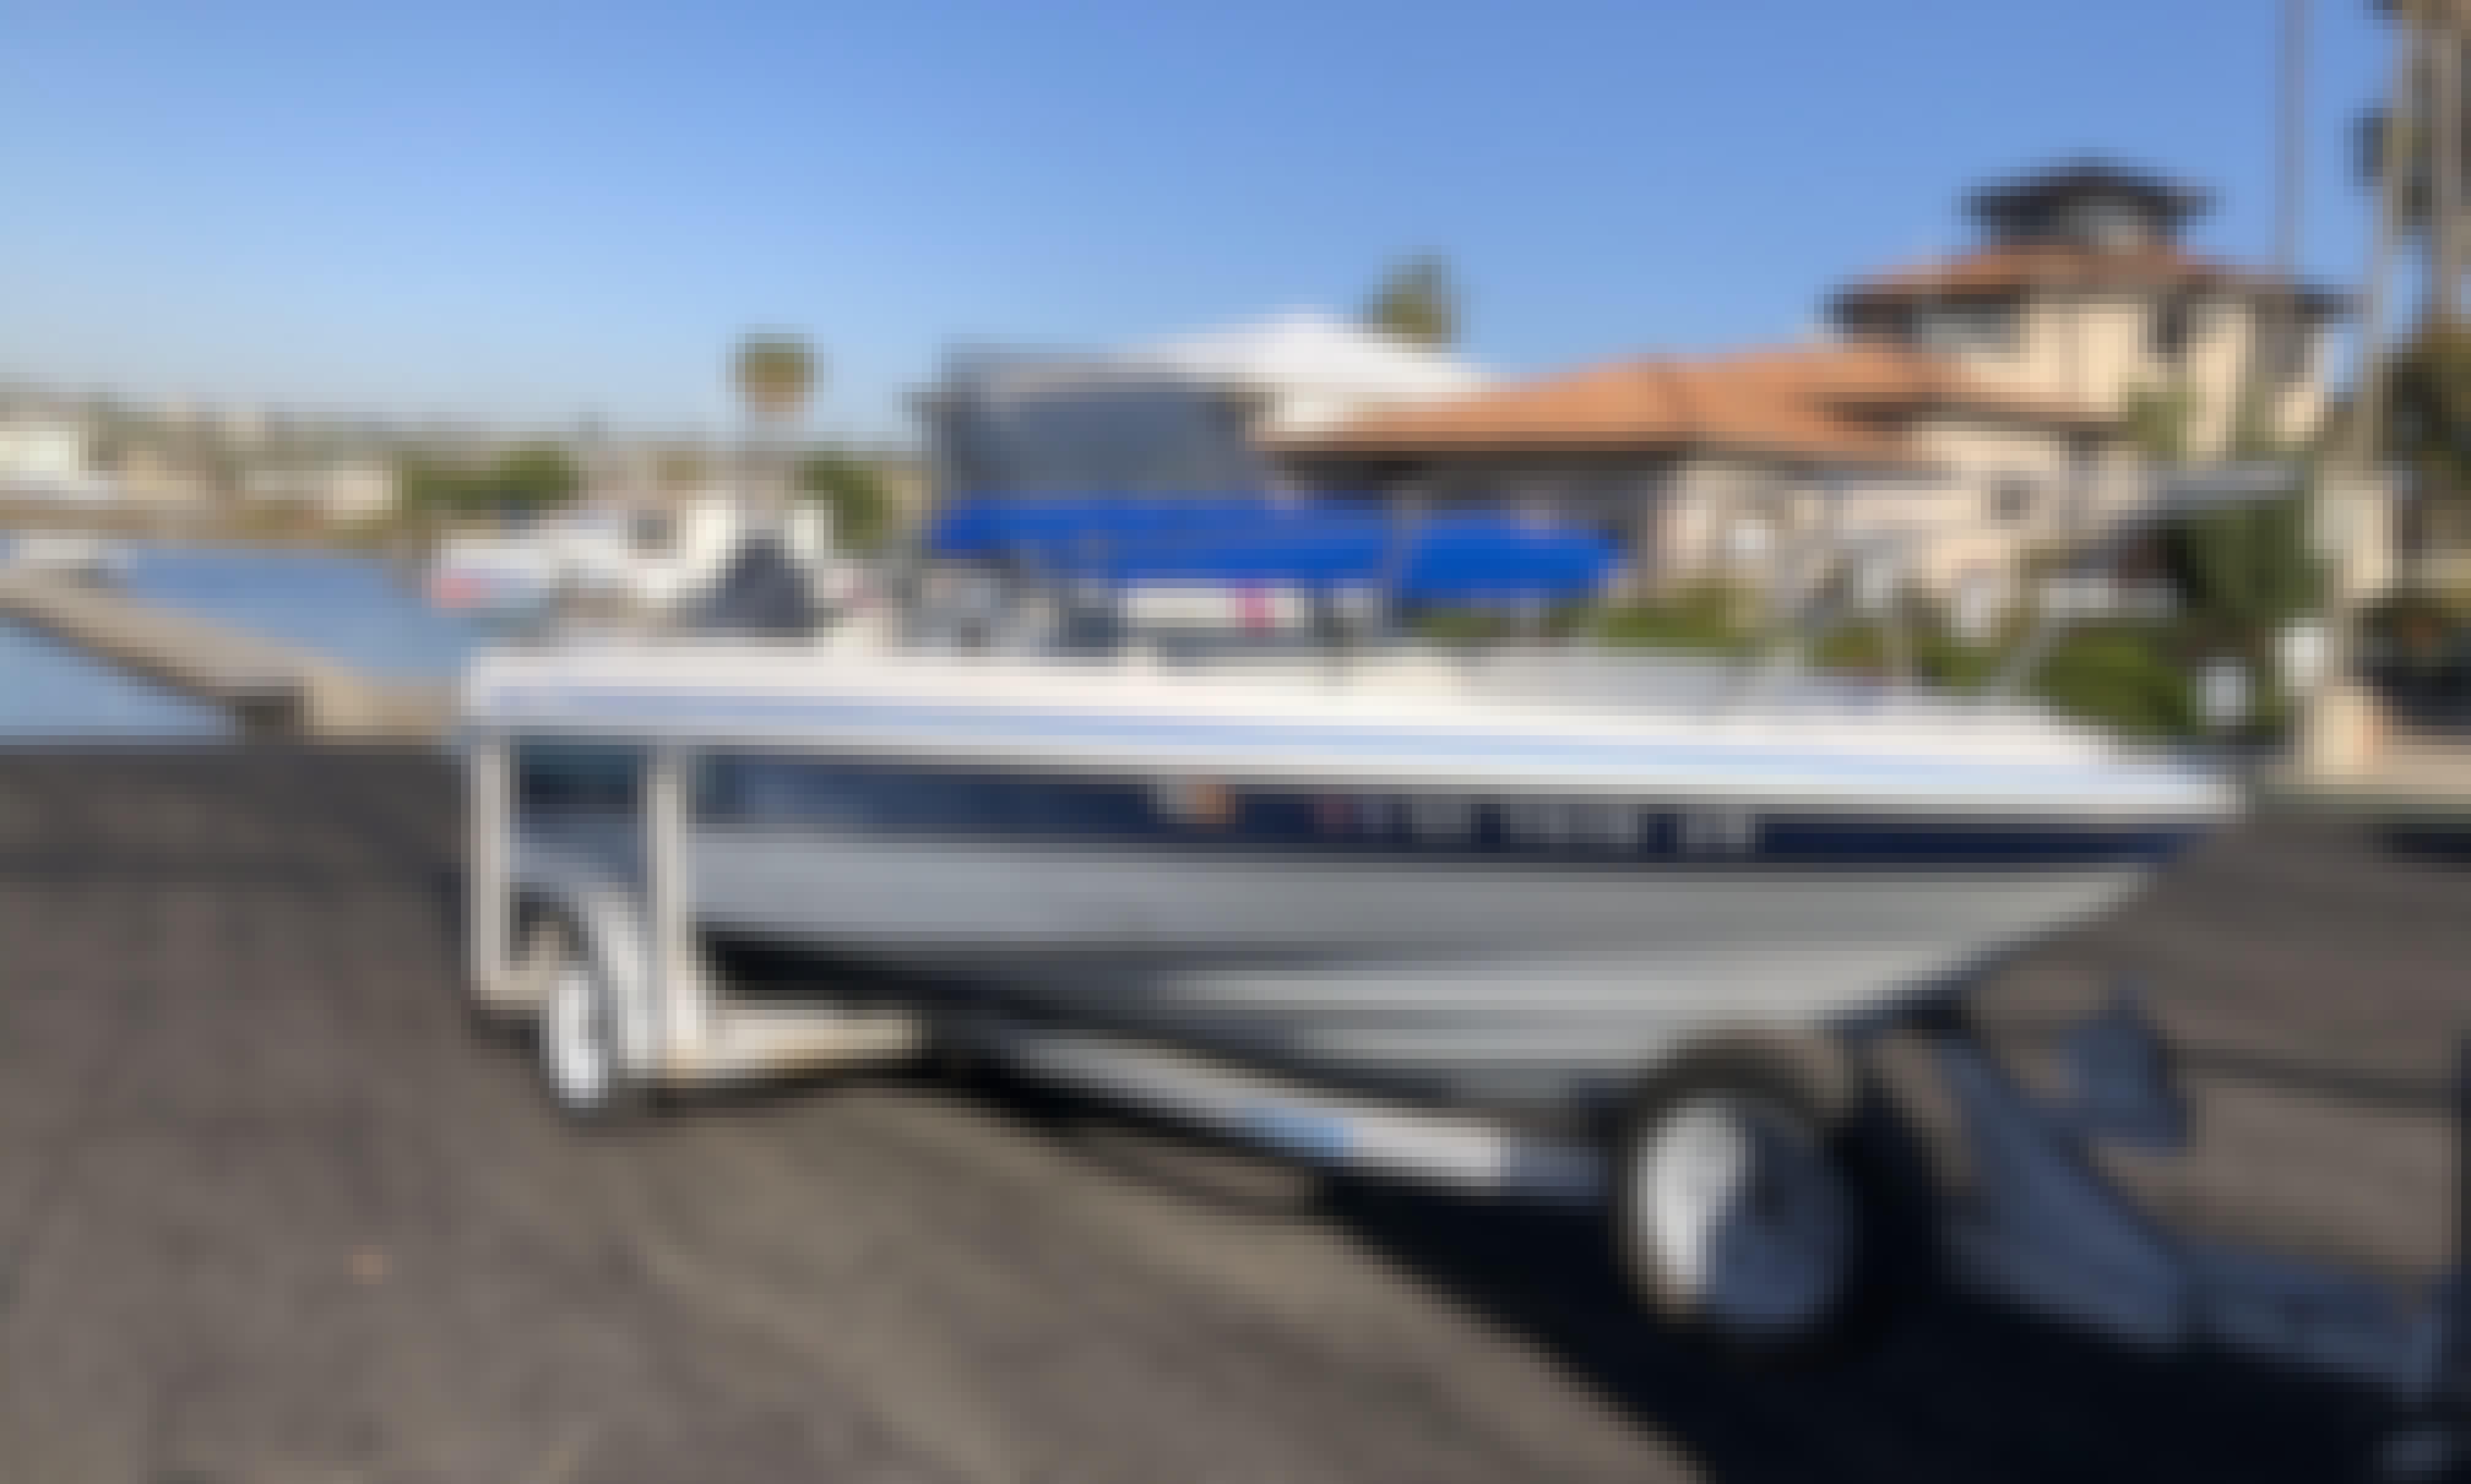 19' Bayliner Trophy Boat for Fishing, Harbor or Ocean Trips for 7